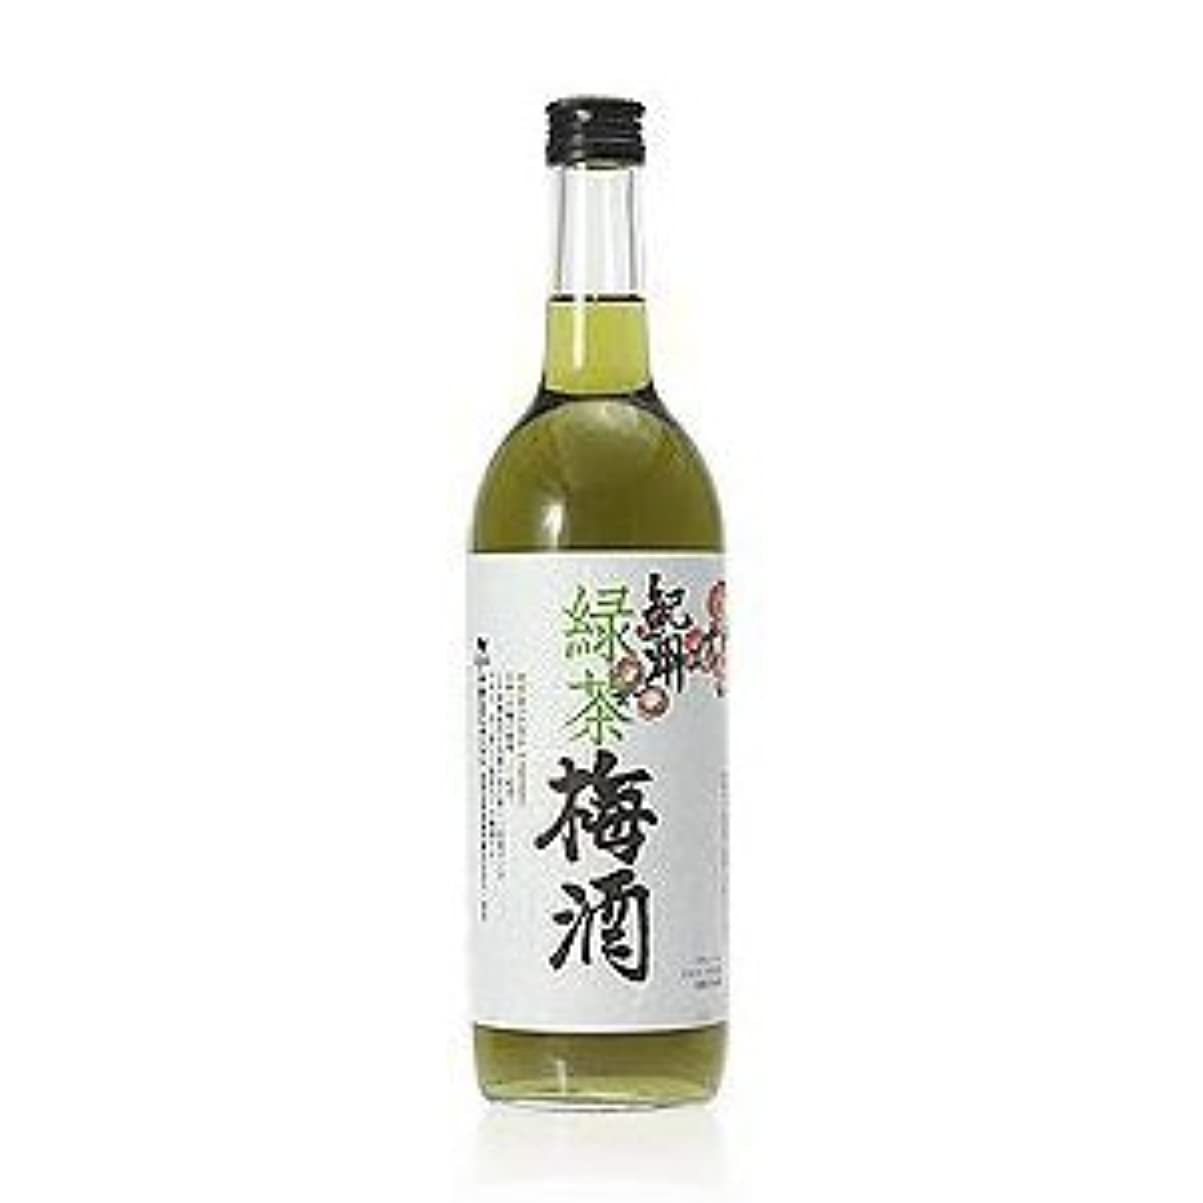 均等に捧げるリマーク中野BC 紀州「緑茶梅酒」 720ml